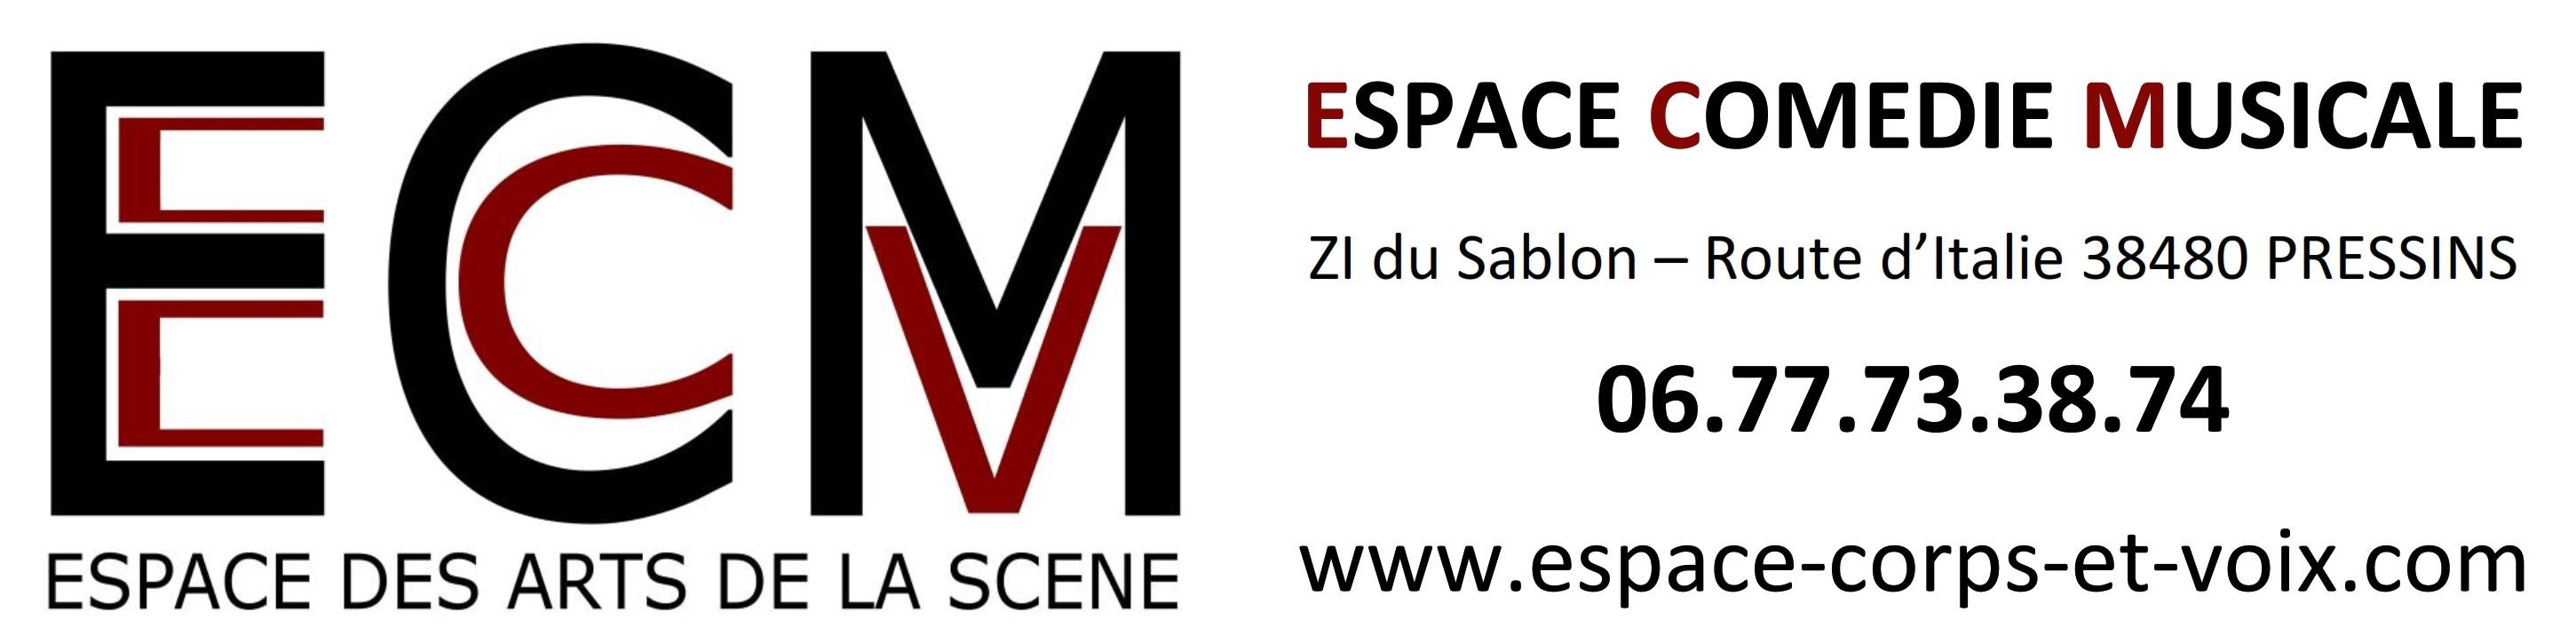 ECM espace comédie musicale danse chant théâtre Isère 38 Pressins, Romagnieu, Pont de Beauvoisin, Aoste, Les Abrets